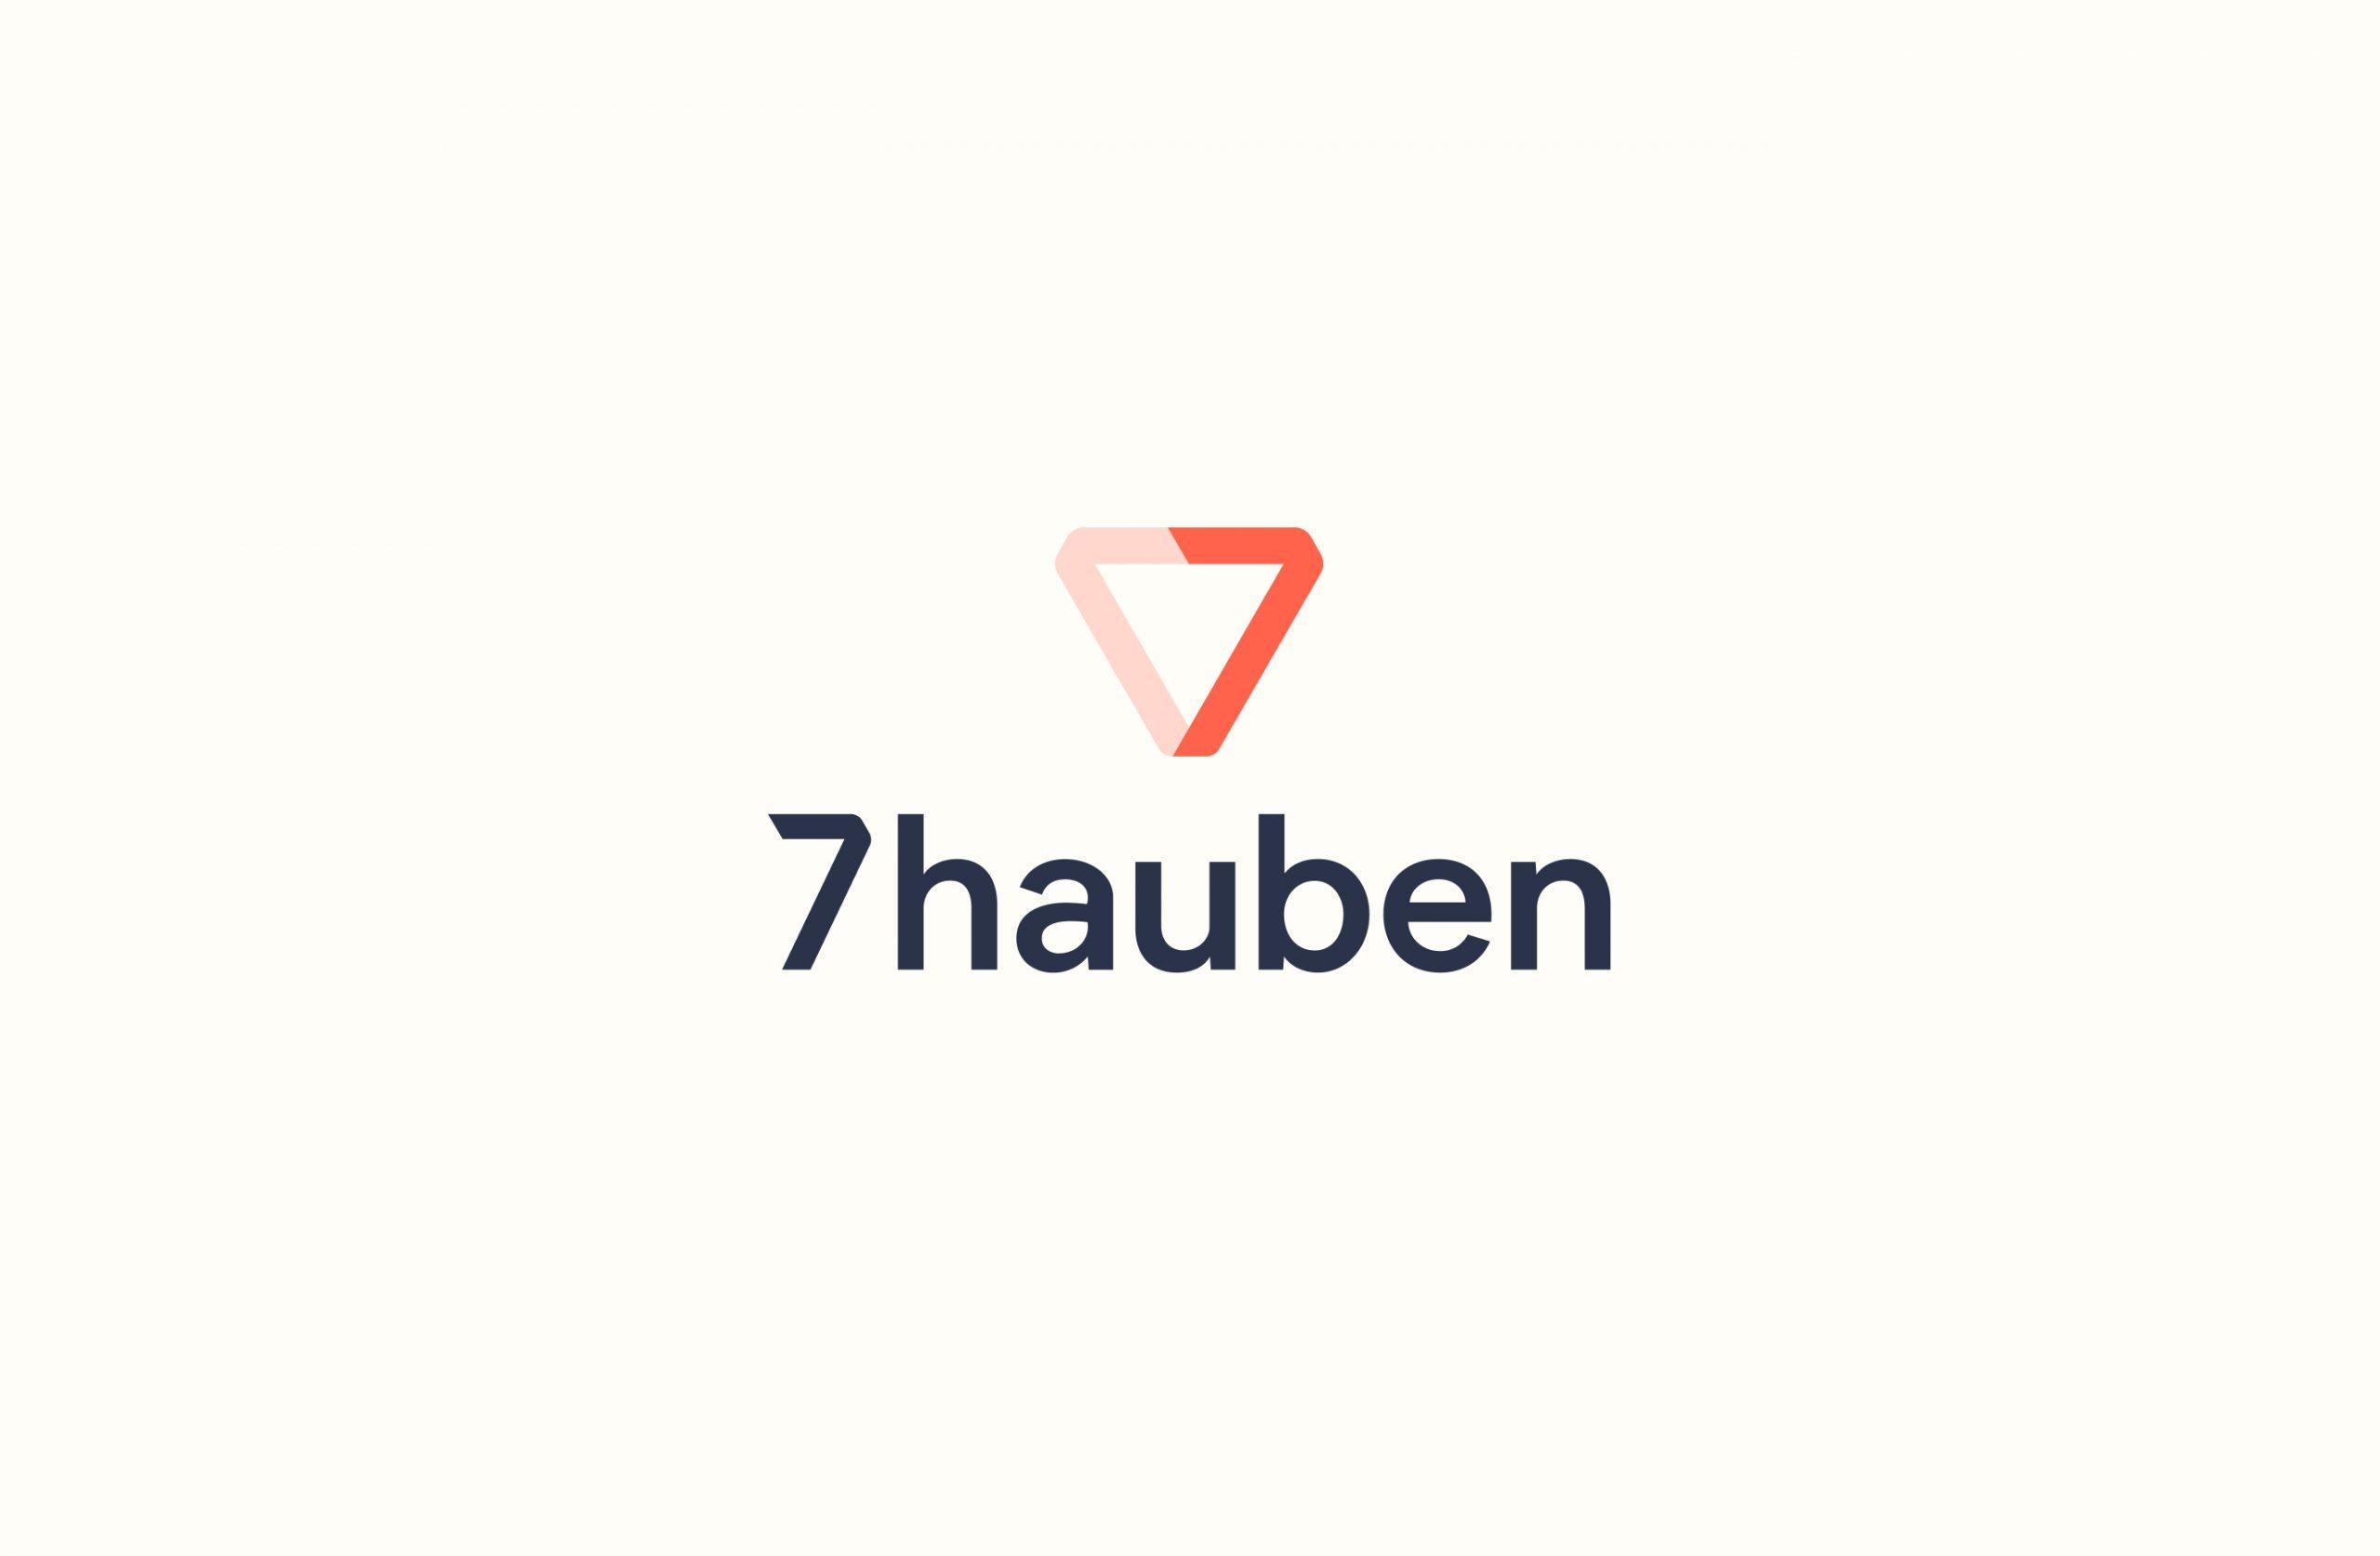 7hauben-05